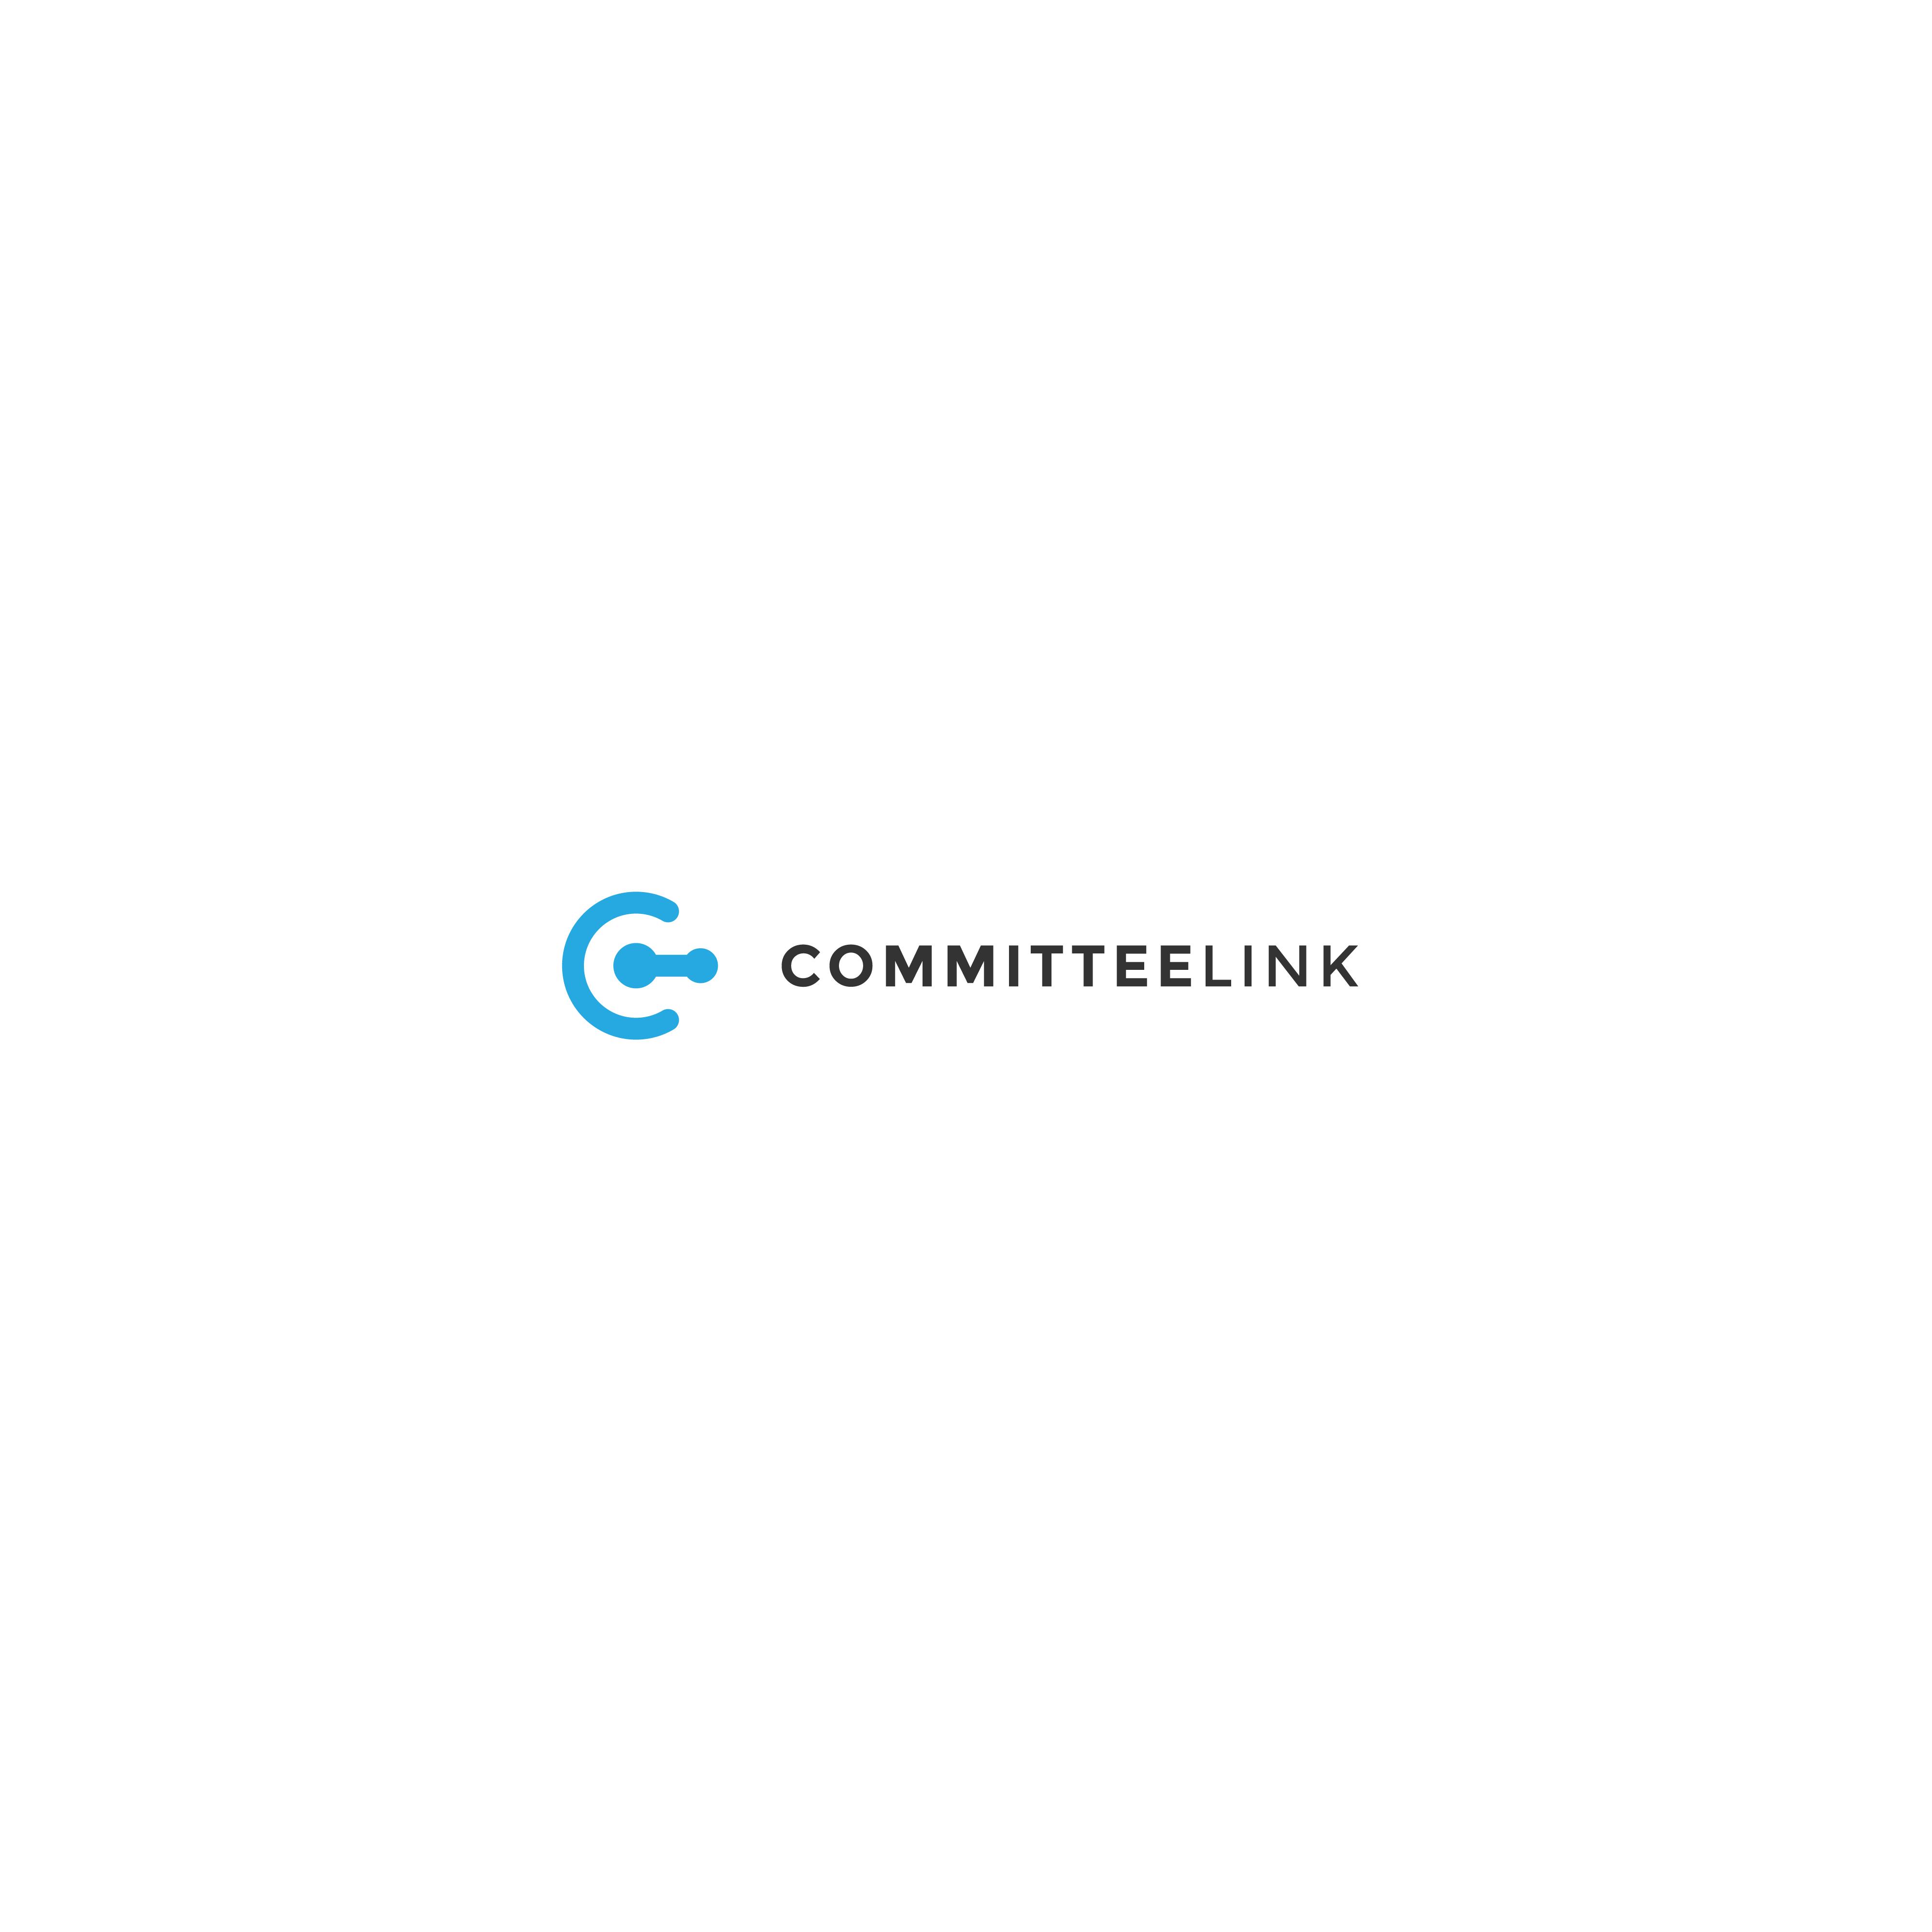 CommitteeLink